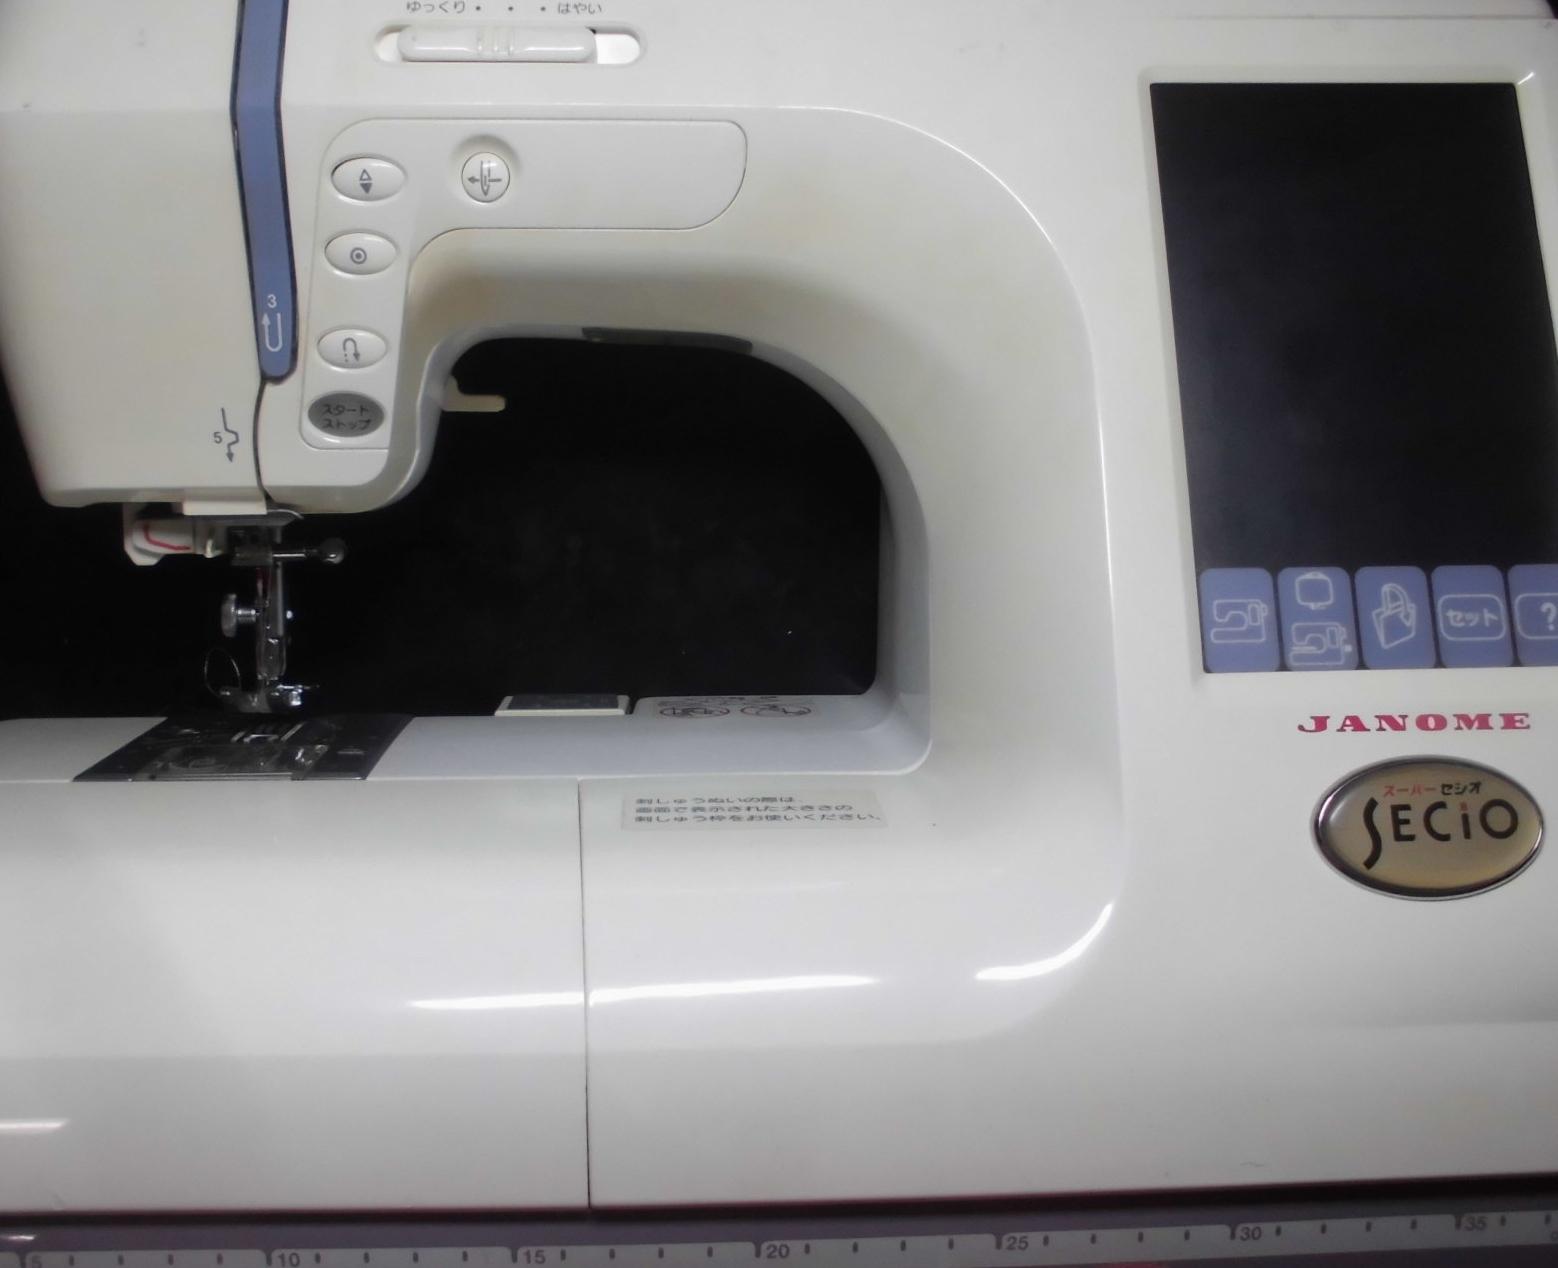 ジャノメミシン修理|スーパーセシオ|ジャノメ850型|布を送らず縫えない